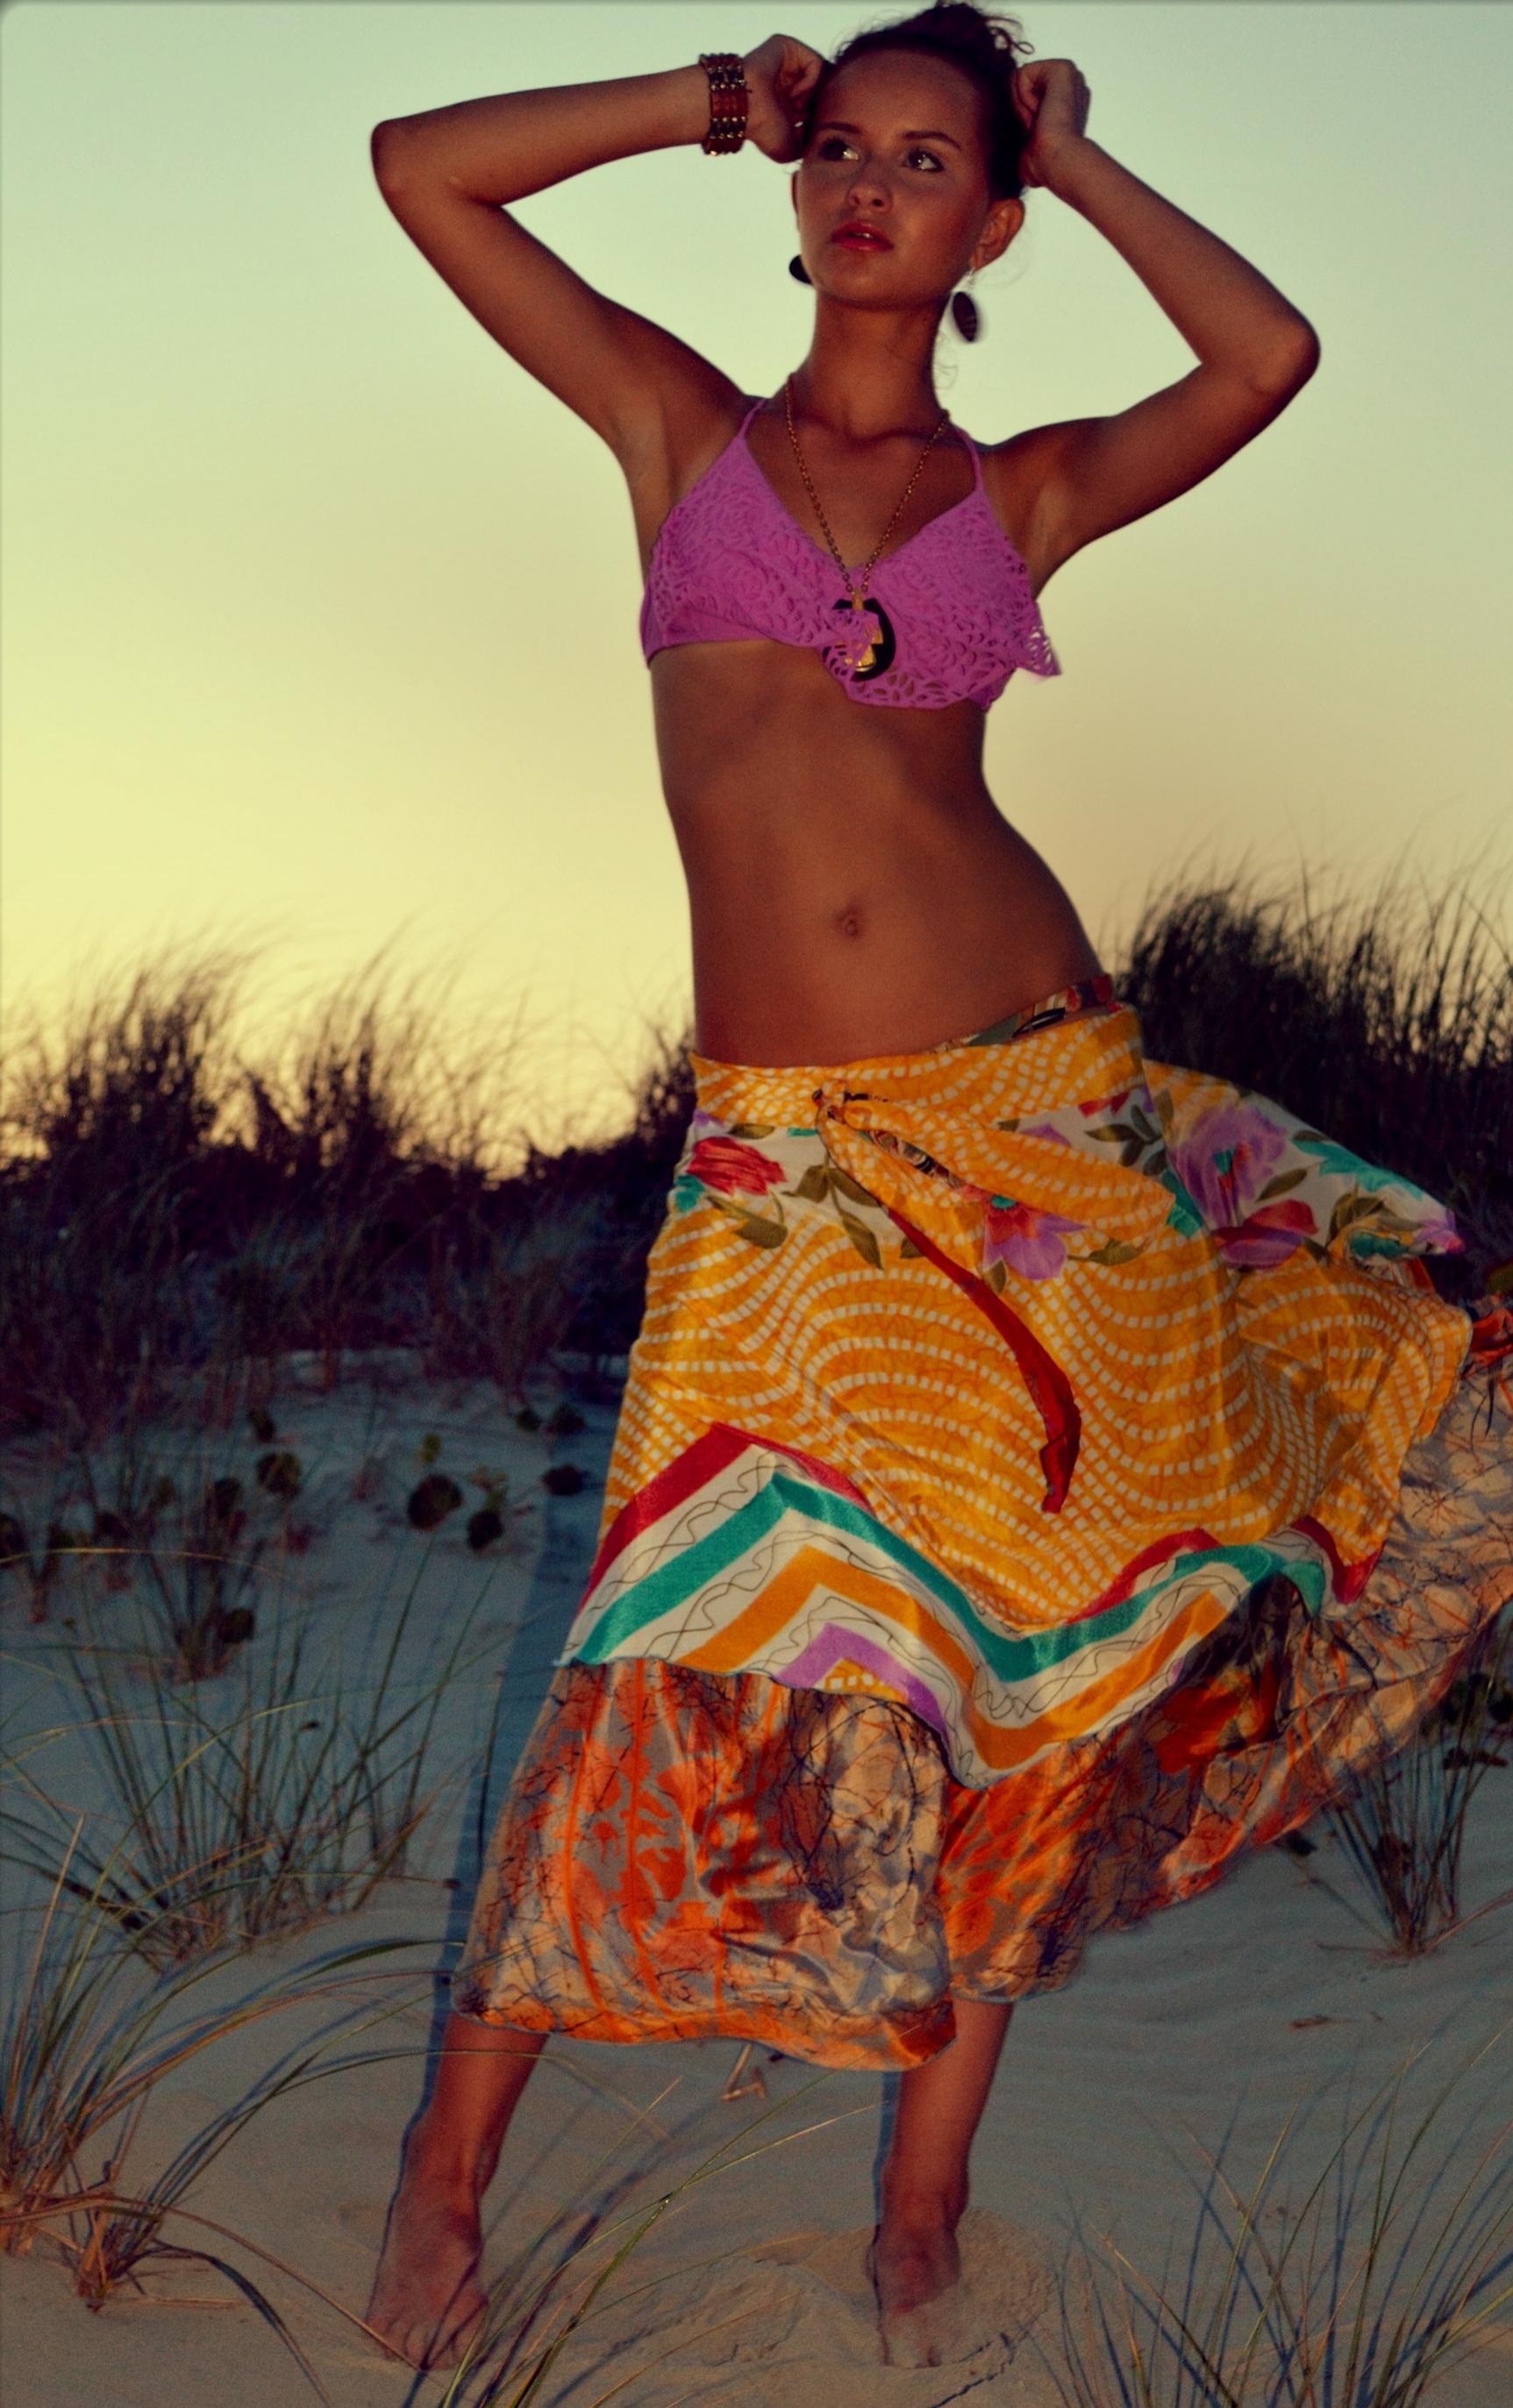 Abby-Purple-Bikni-Dance-1-WEB.jpg